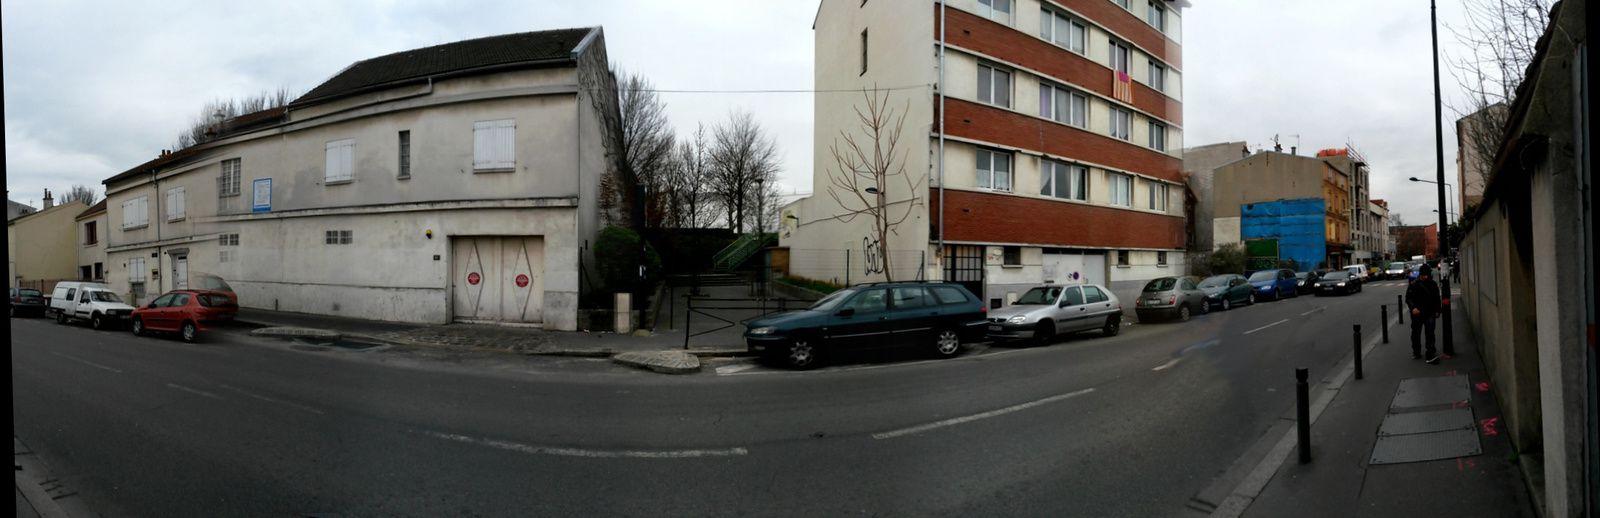 Le conseil municipal de Saint-Denis enrichit d'un marchand de biens en cédant à prix modique un terrain communal, rue Casanova.